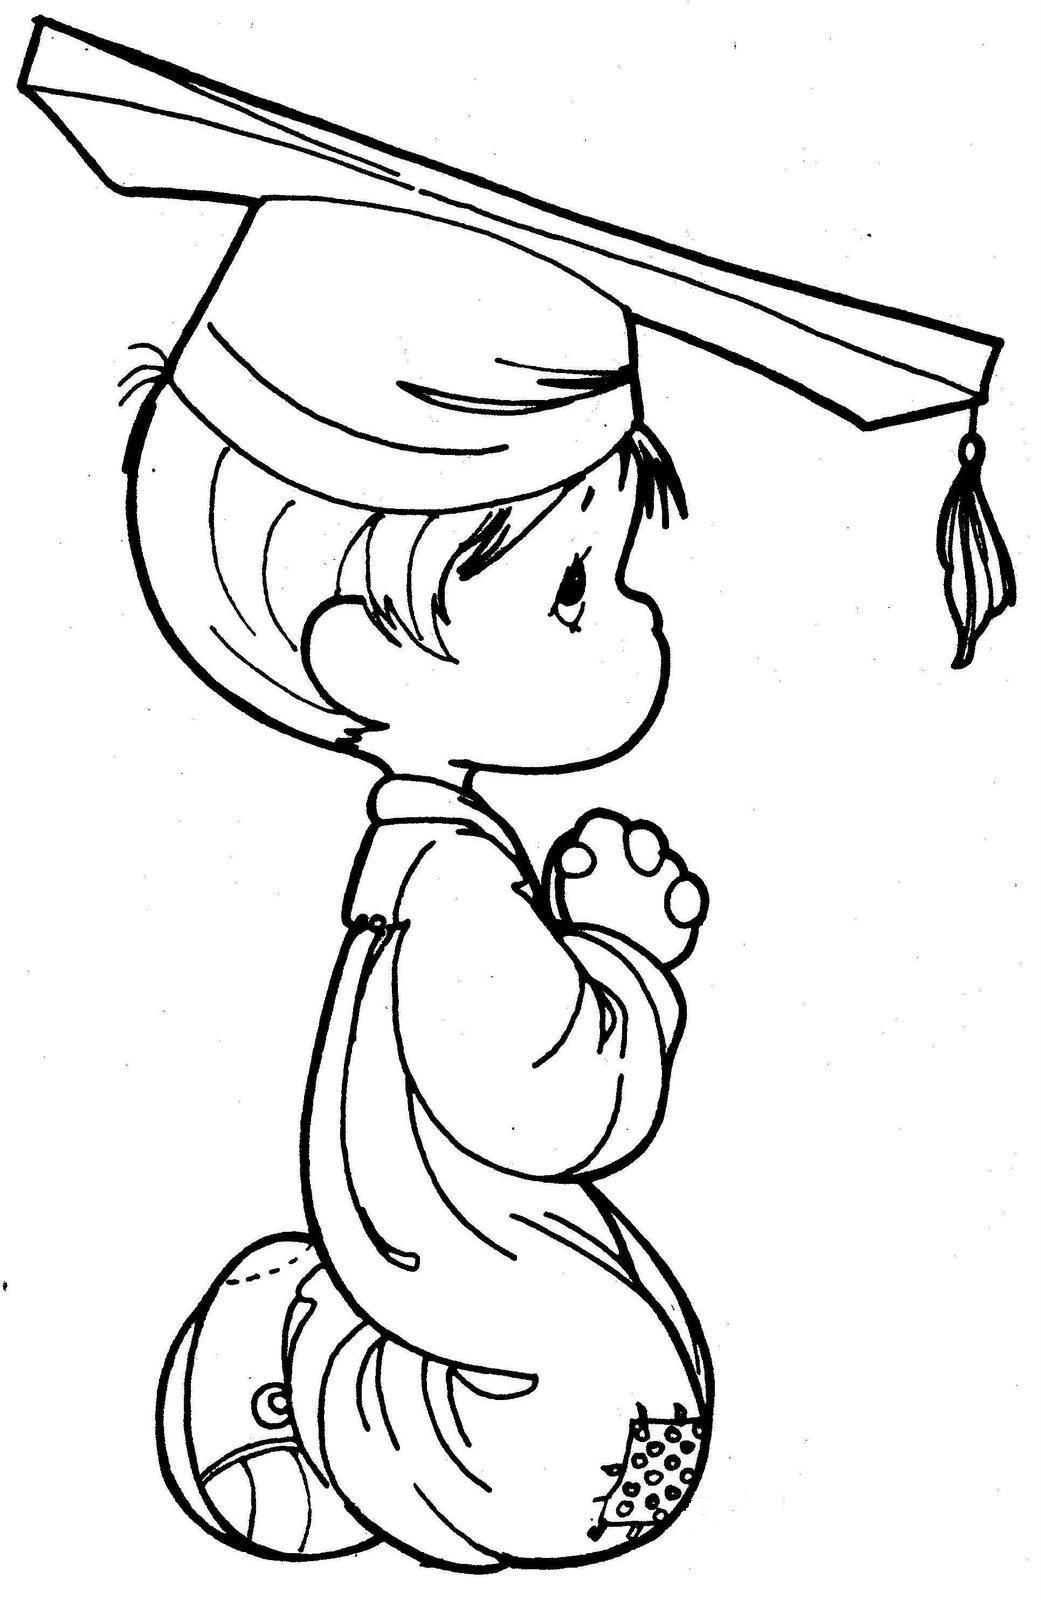 Dibujos de Precious moments de graduación - Imagui